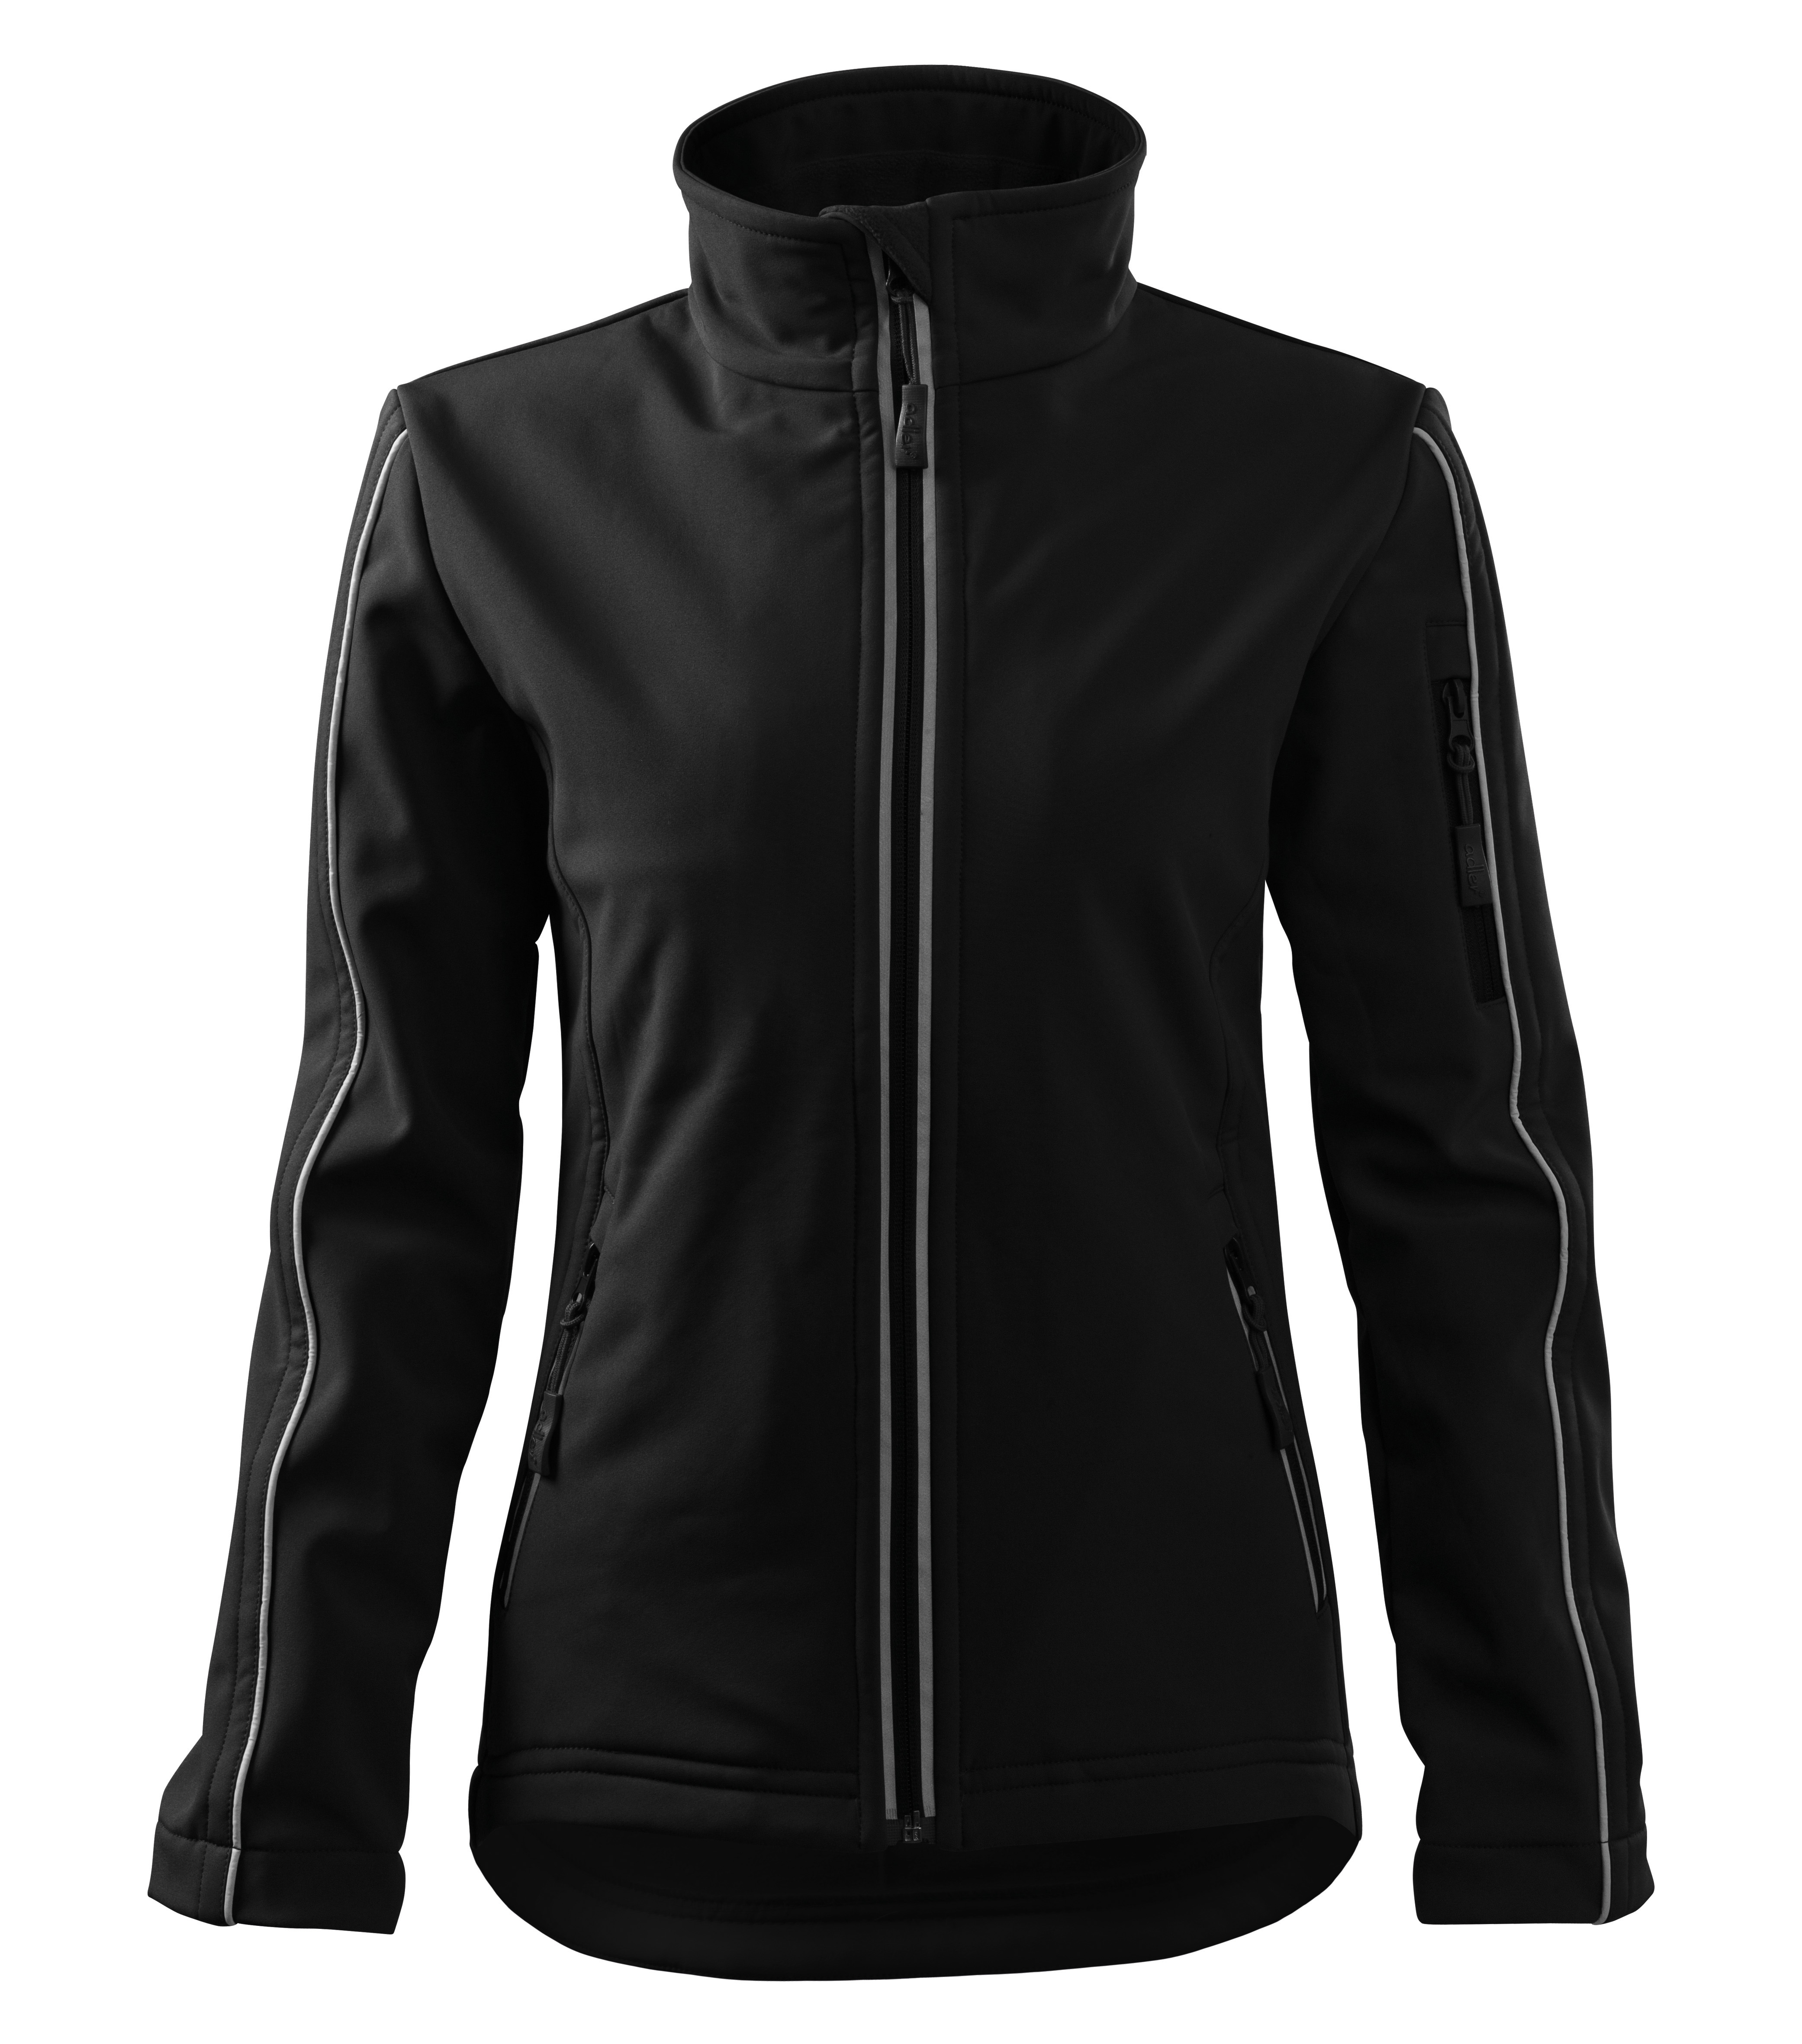 Bunda dámská Softshell Jacket Barva: černá, Velikost: M